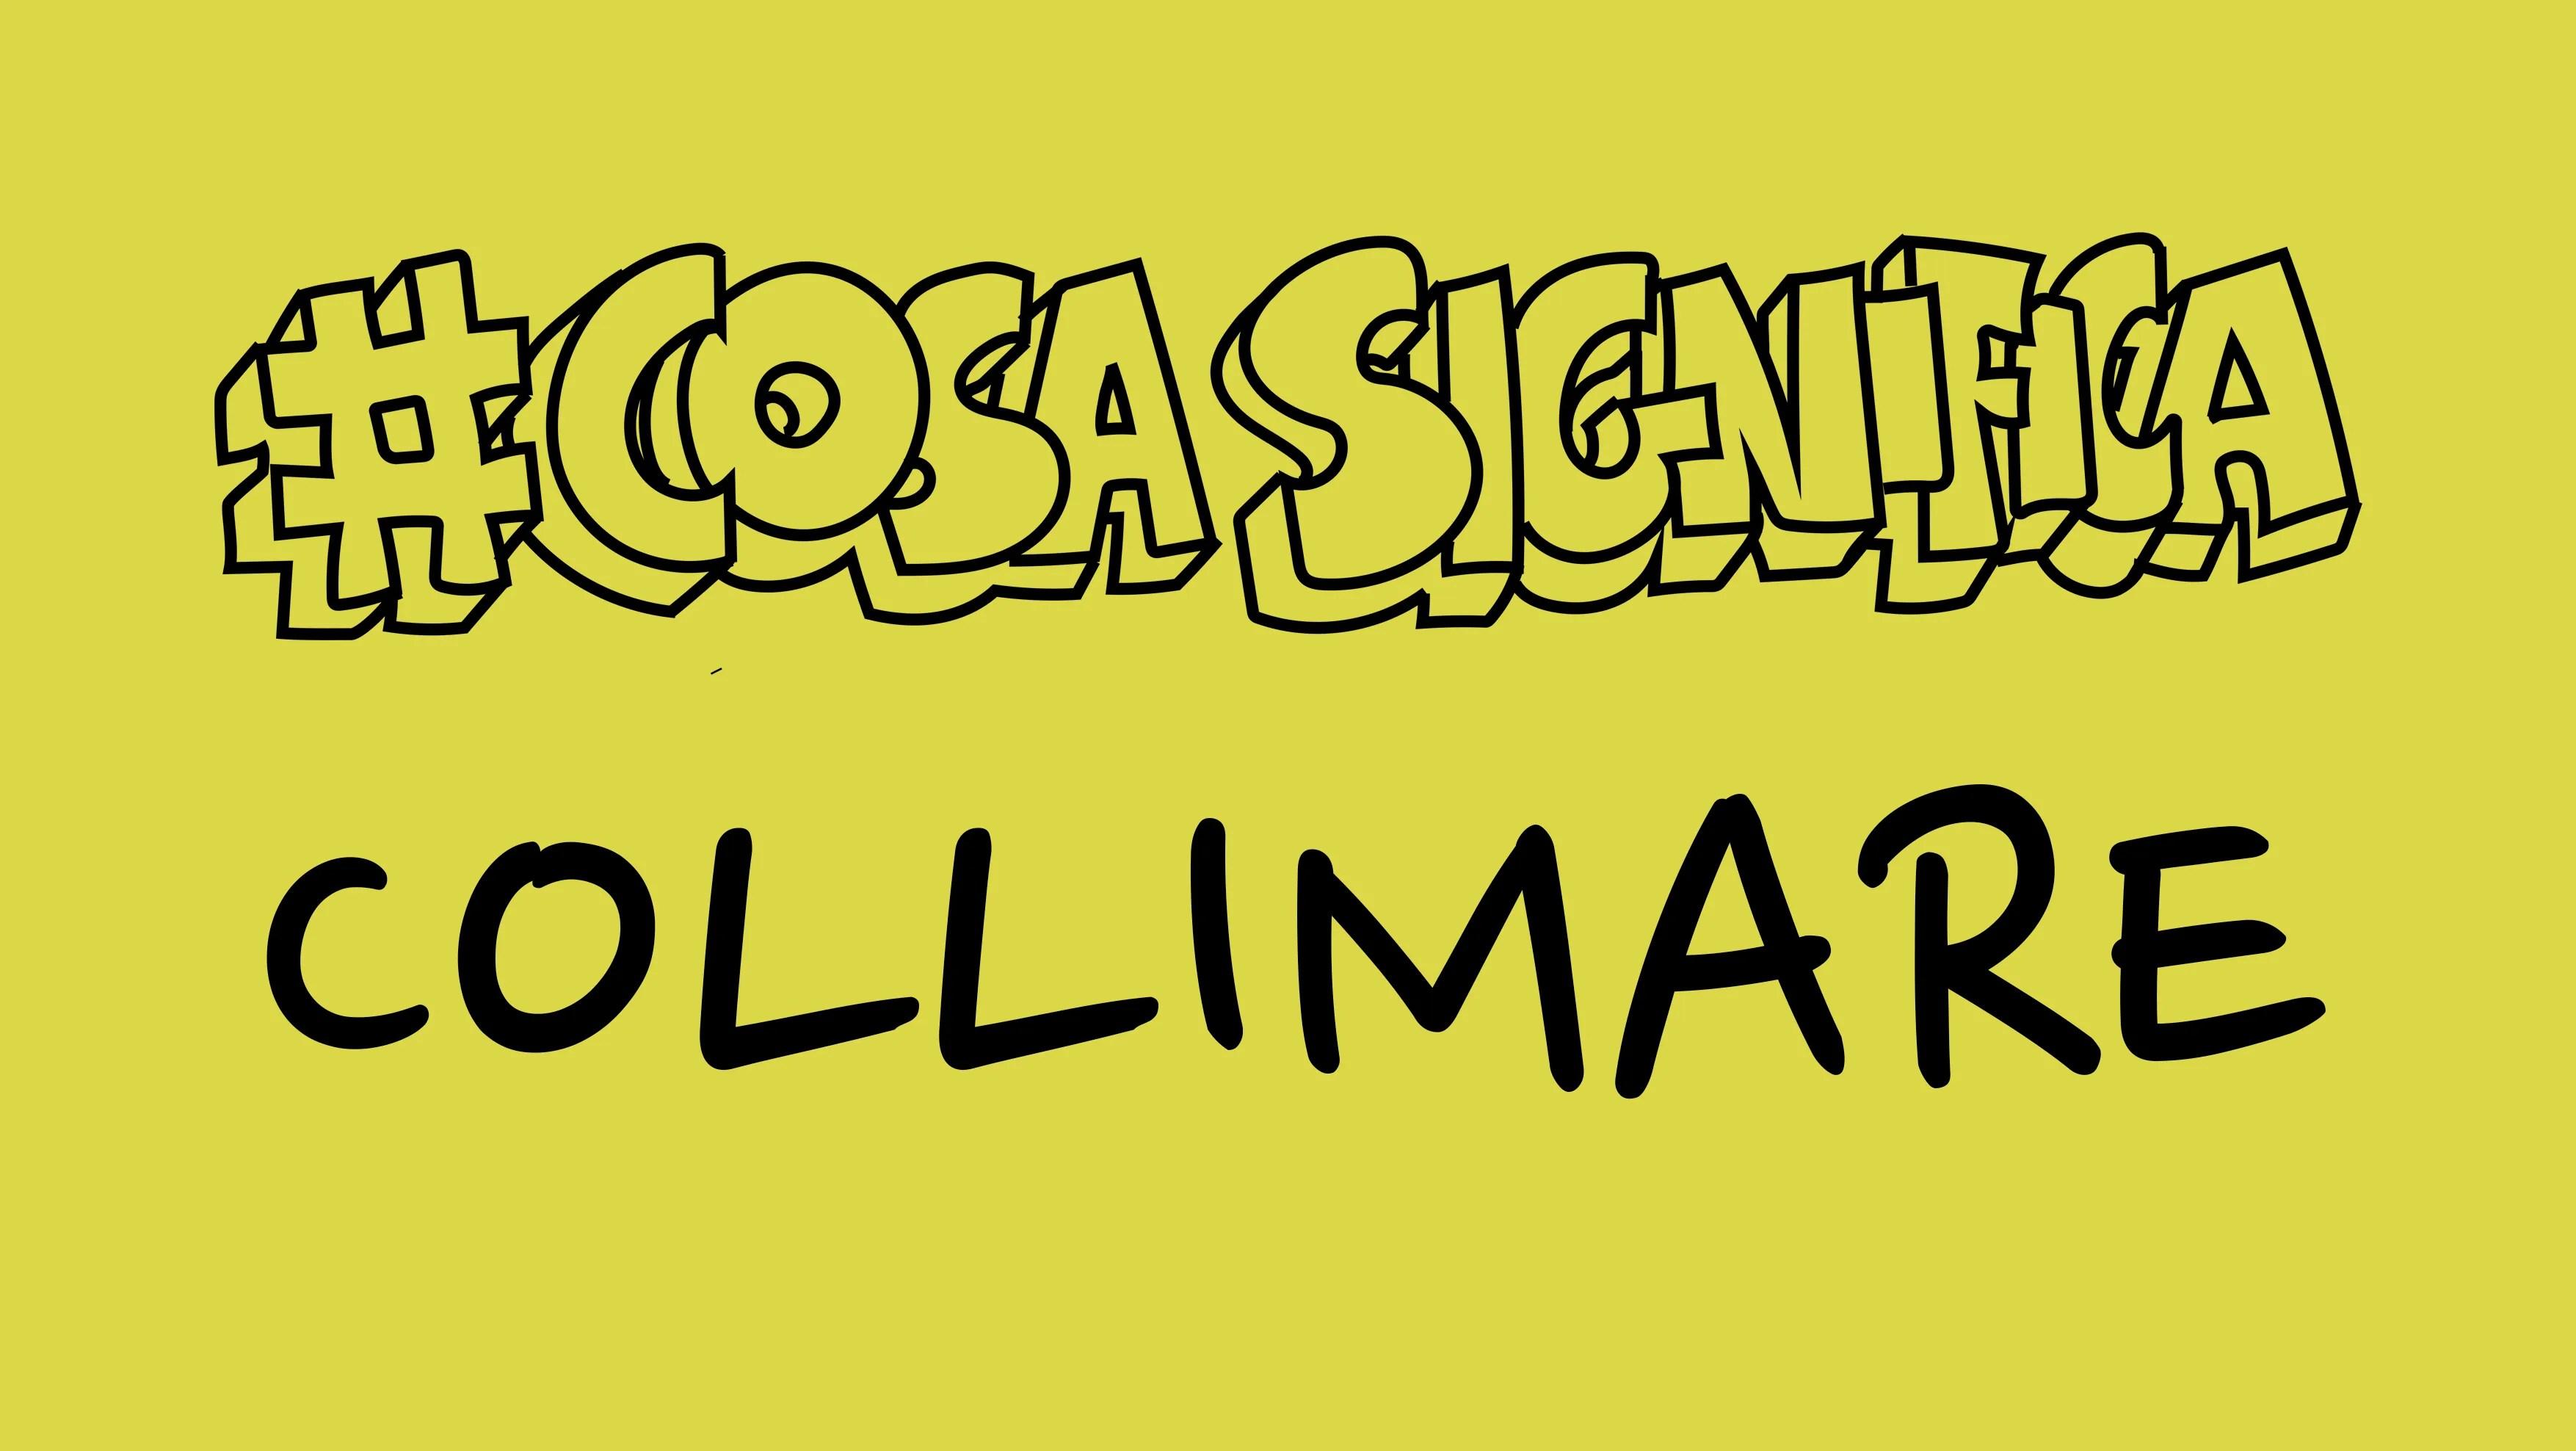 #COSASIGNIFICA COLLIMARE? #TELOSPIEGO!